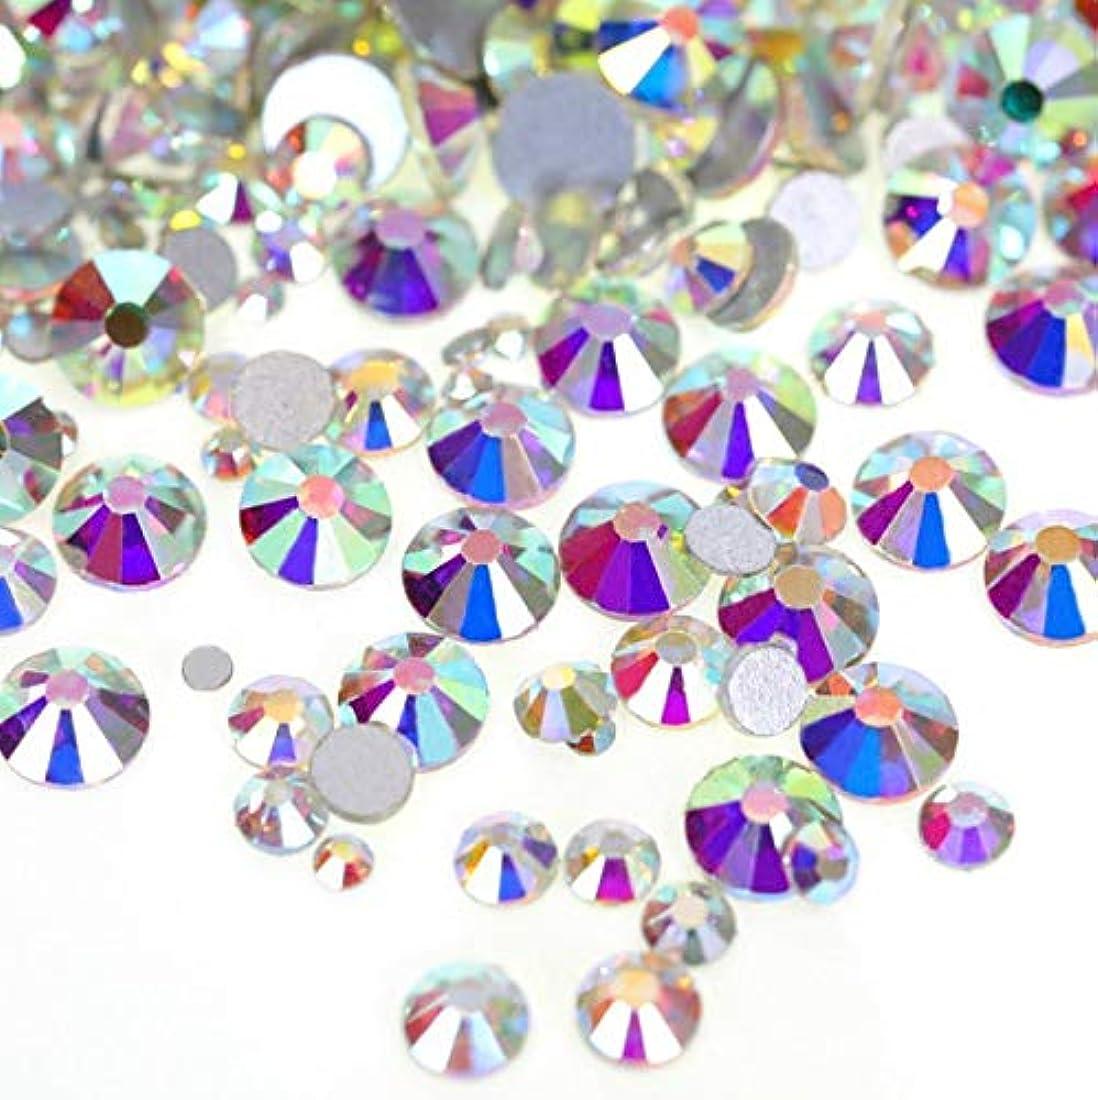 気づく安らぎ死ぬ【ラインストーン77】 超高級 ガラス製ラインストーン SS3~SS40 オーロラクリスタル スワロフスキー同等 (1.3mm (SS3) 約200粒)